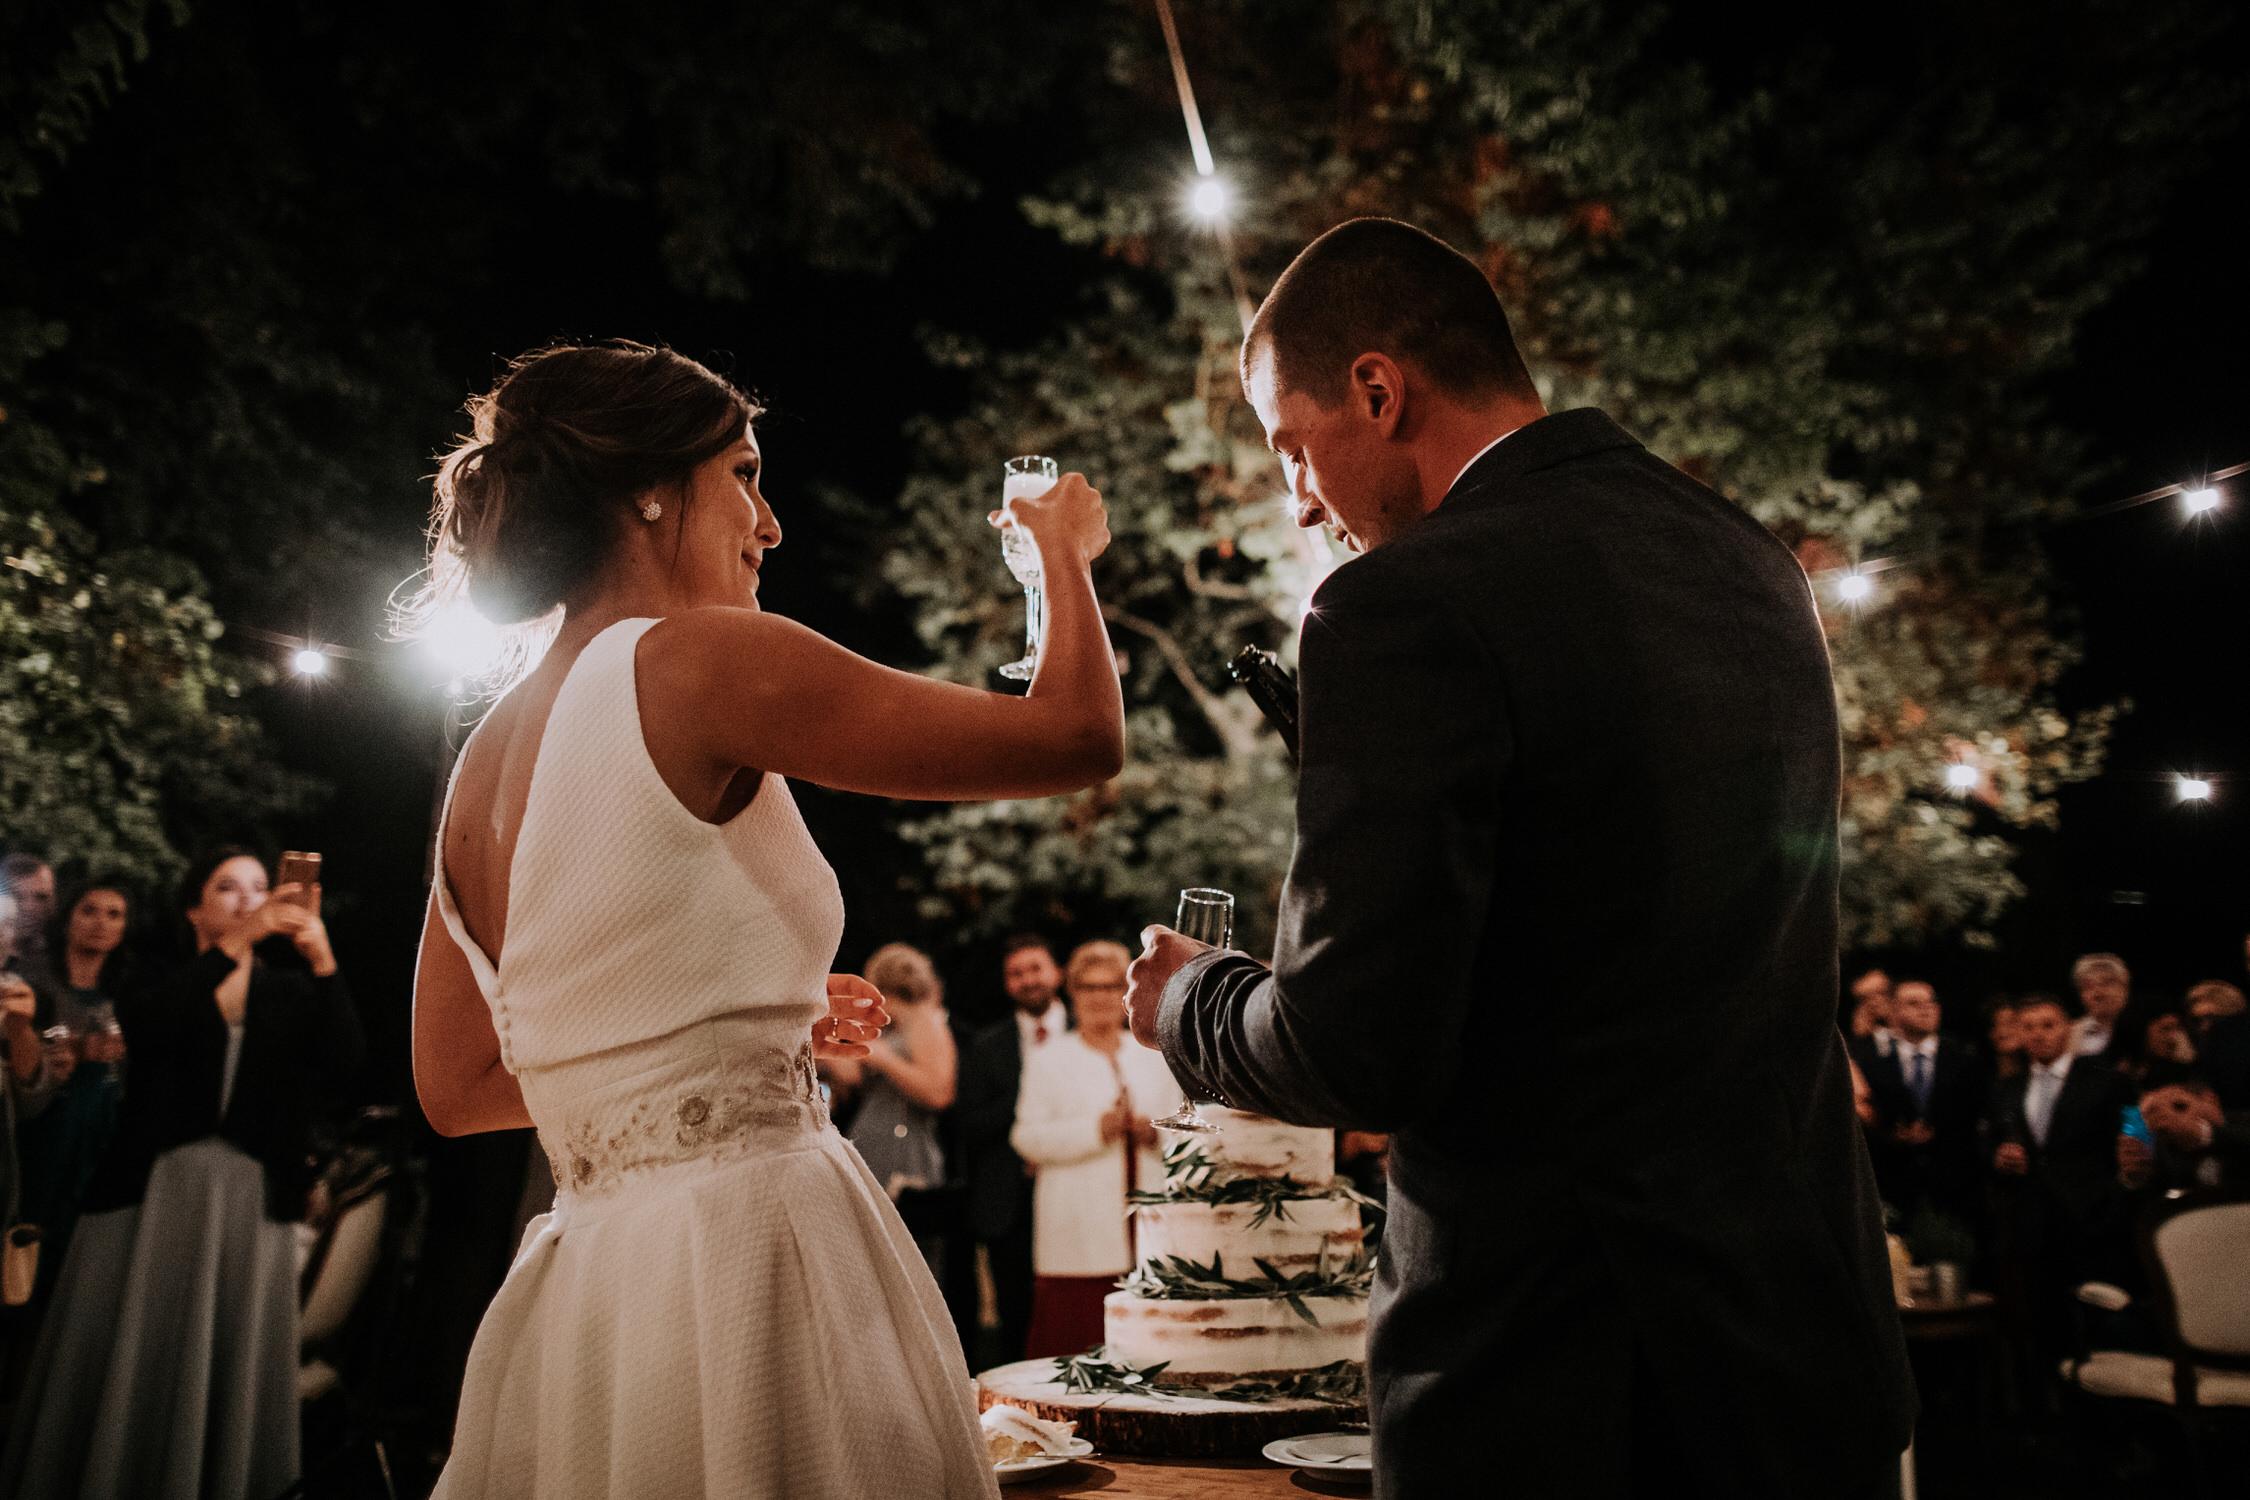 101 Filipe Santiago Fotografia Casamento wedding photographer near venue Lisbon Malveira Ericeira best Sintra Portugal destination solar de pancas alenquer cake